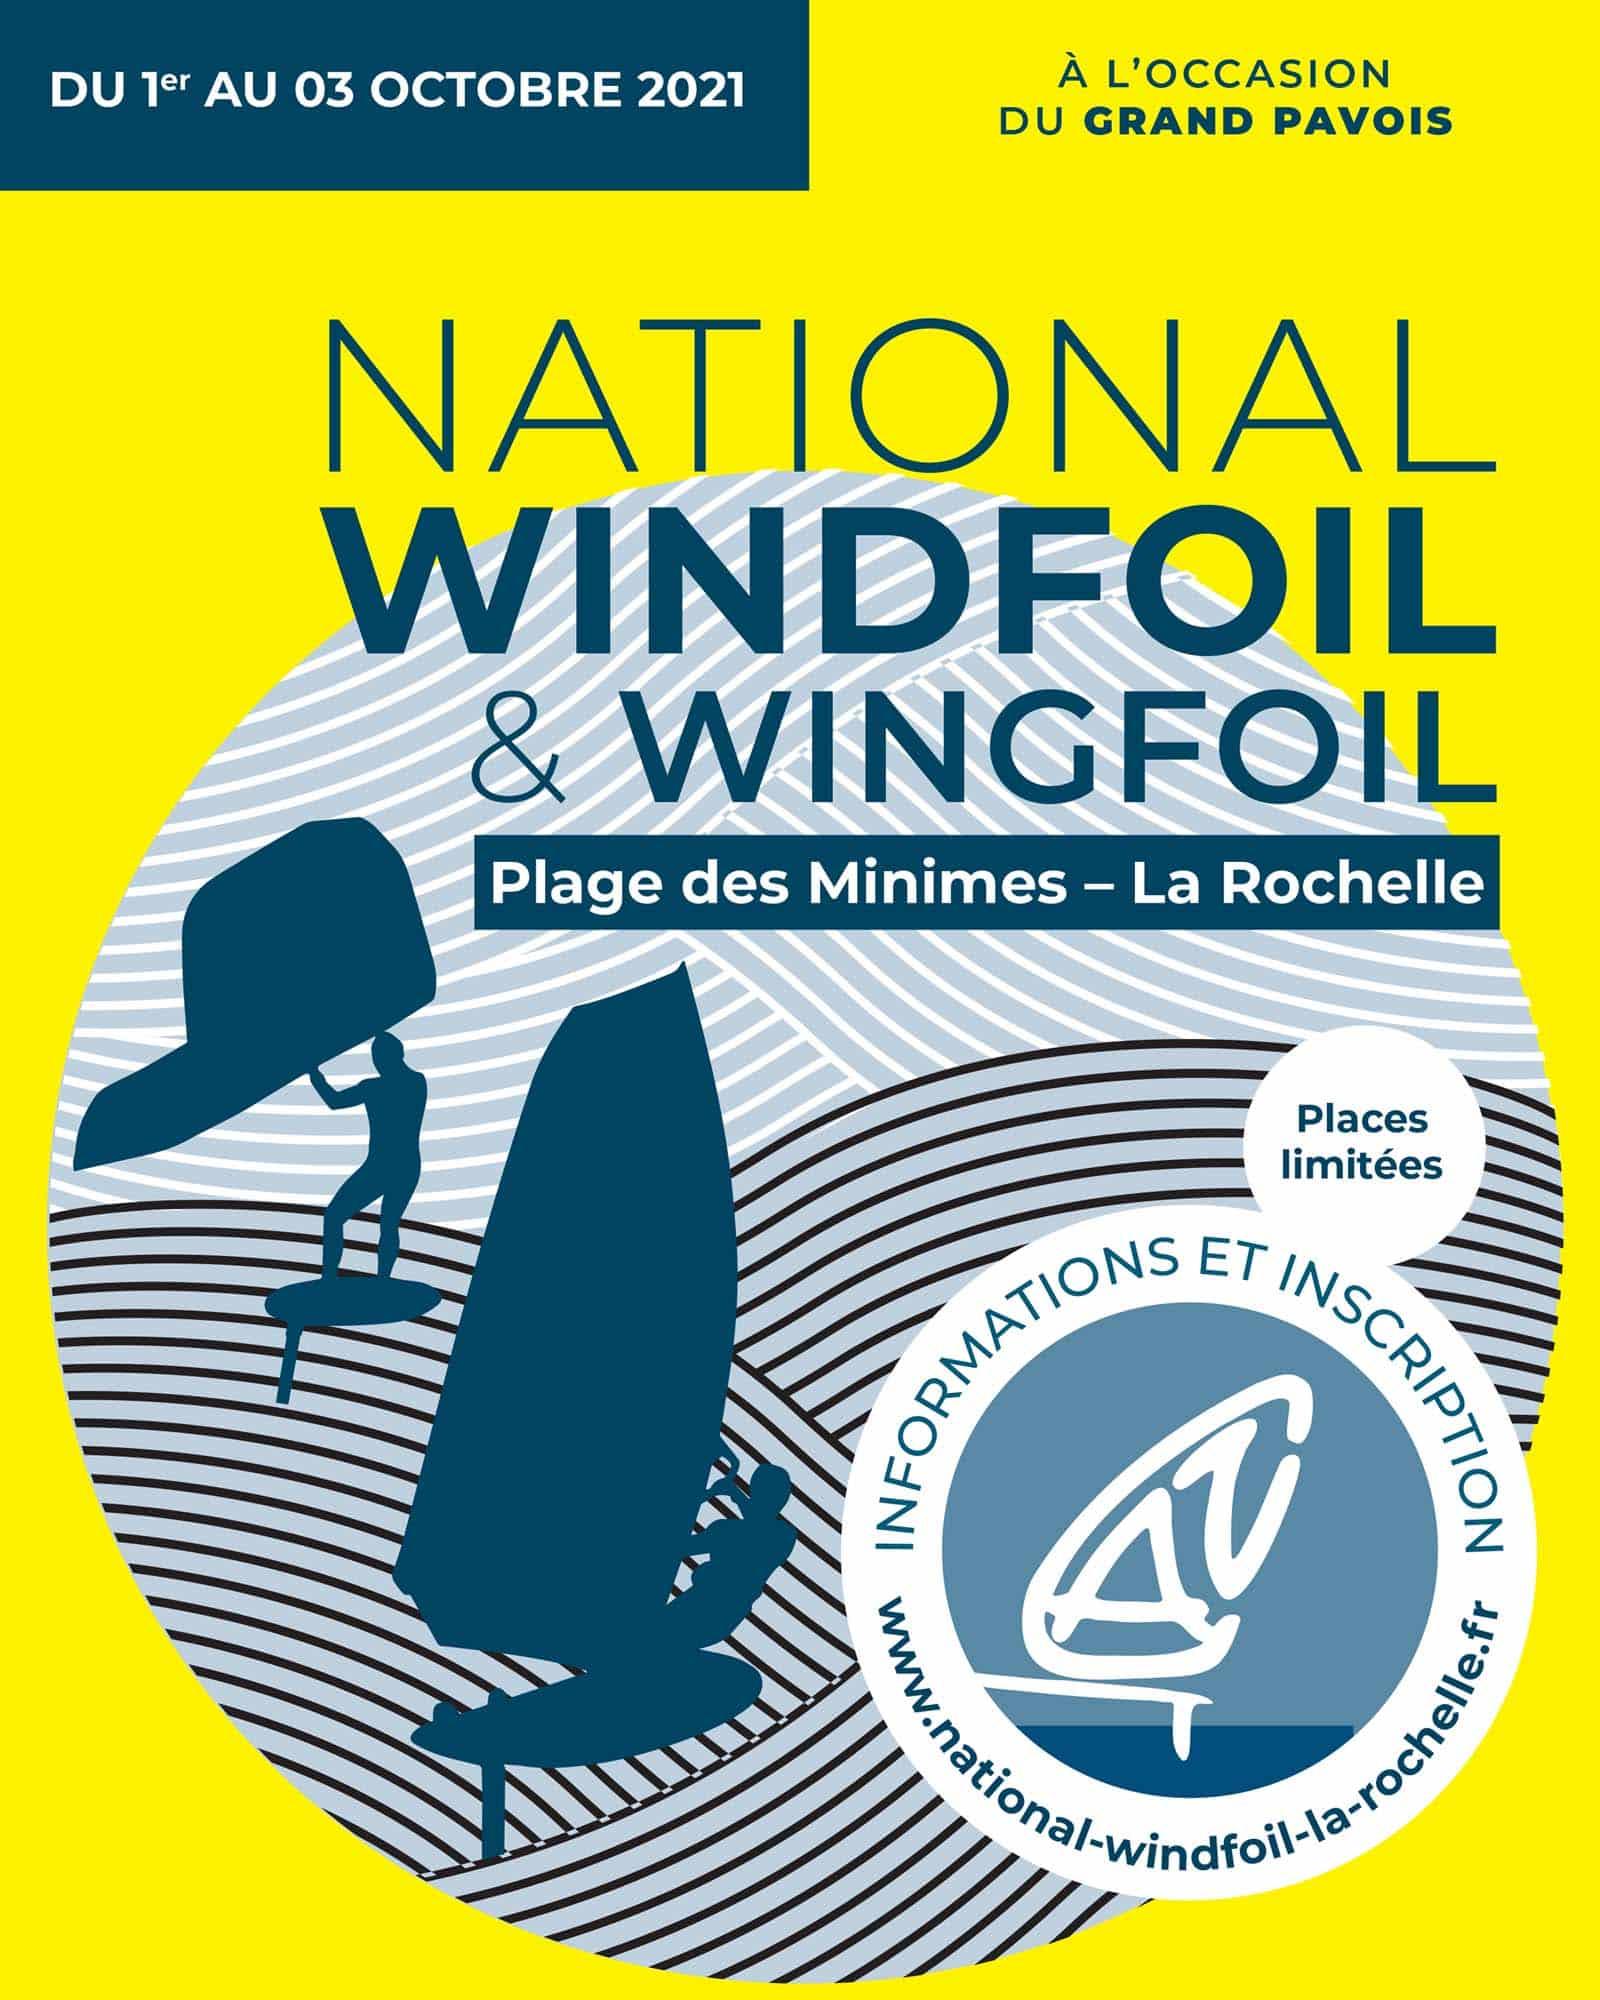 Affiche National Windfoil La Rochelle 2021